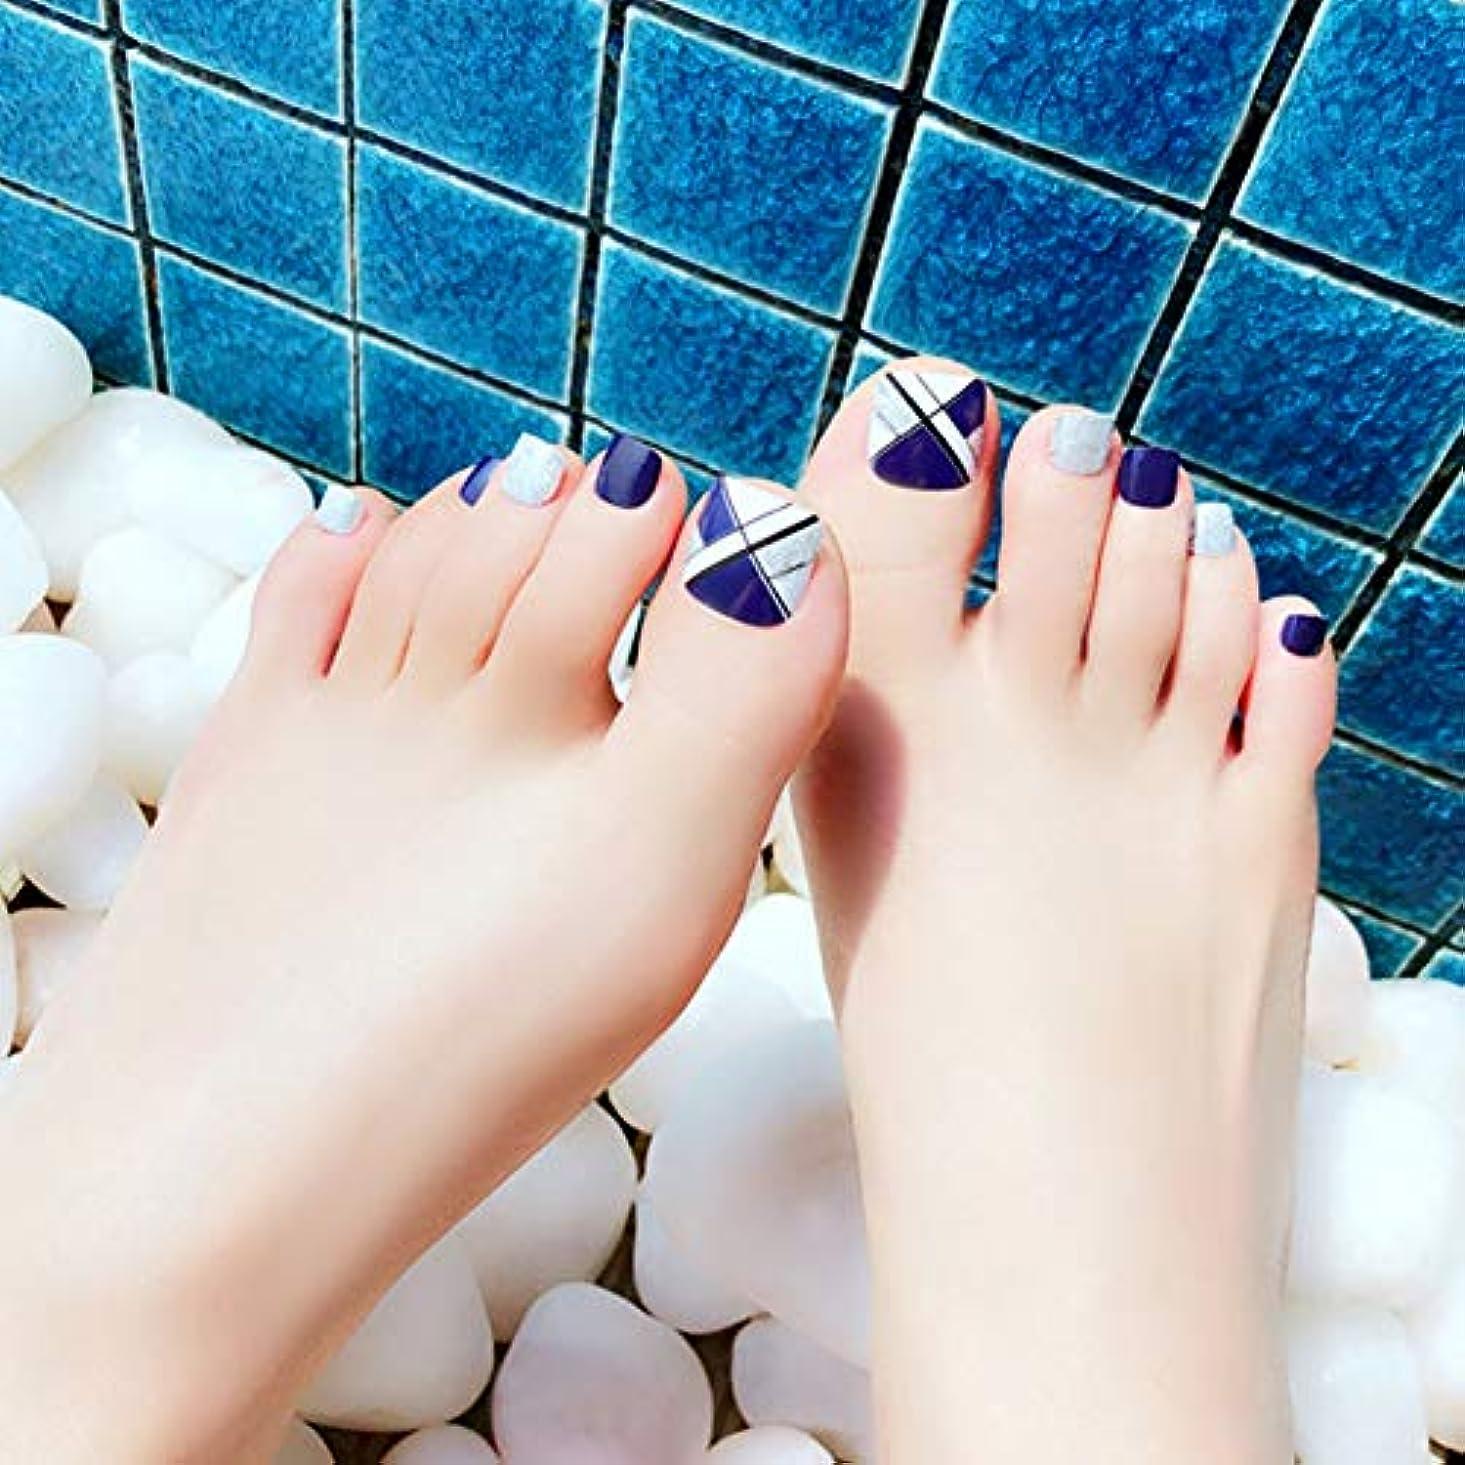 アプローチ百優れましたHuangHM 小さいな足の小指にも最適 つけ爪 付け爪 ジェルネイル ネイルアートフットタイプネイルチップ 24枚入り12サイズ各2枚 足用フットチップ ペディキュア フットネイルチップ